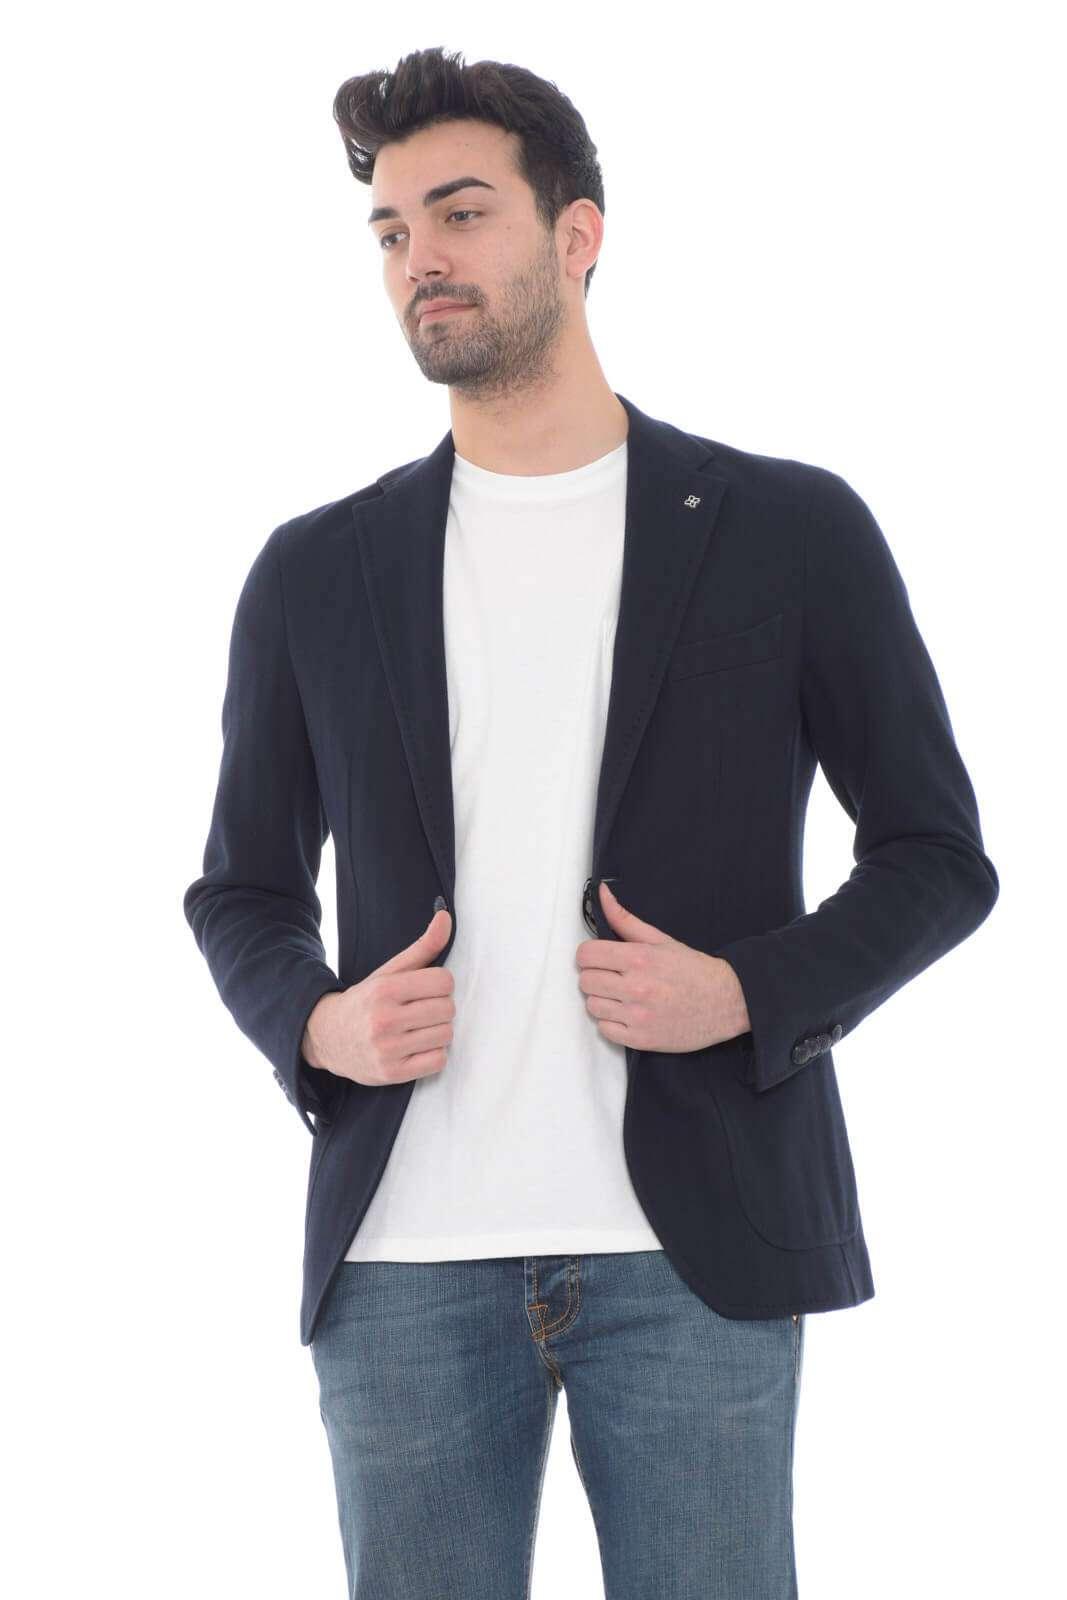 Lasciati affascinare dalla giacca proposta dalla collezione uomo Tagliatore e il suo gusto chic. La fantasia tinta unita è resa importante dalla lavorazione spinata per un look formale e ricercato. Da indossare con un pantalone o con un jeans è un essential della moda uomo.